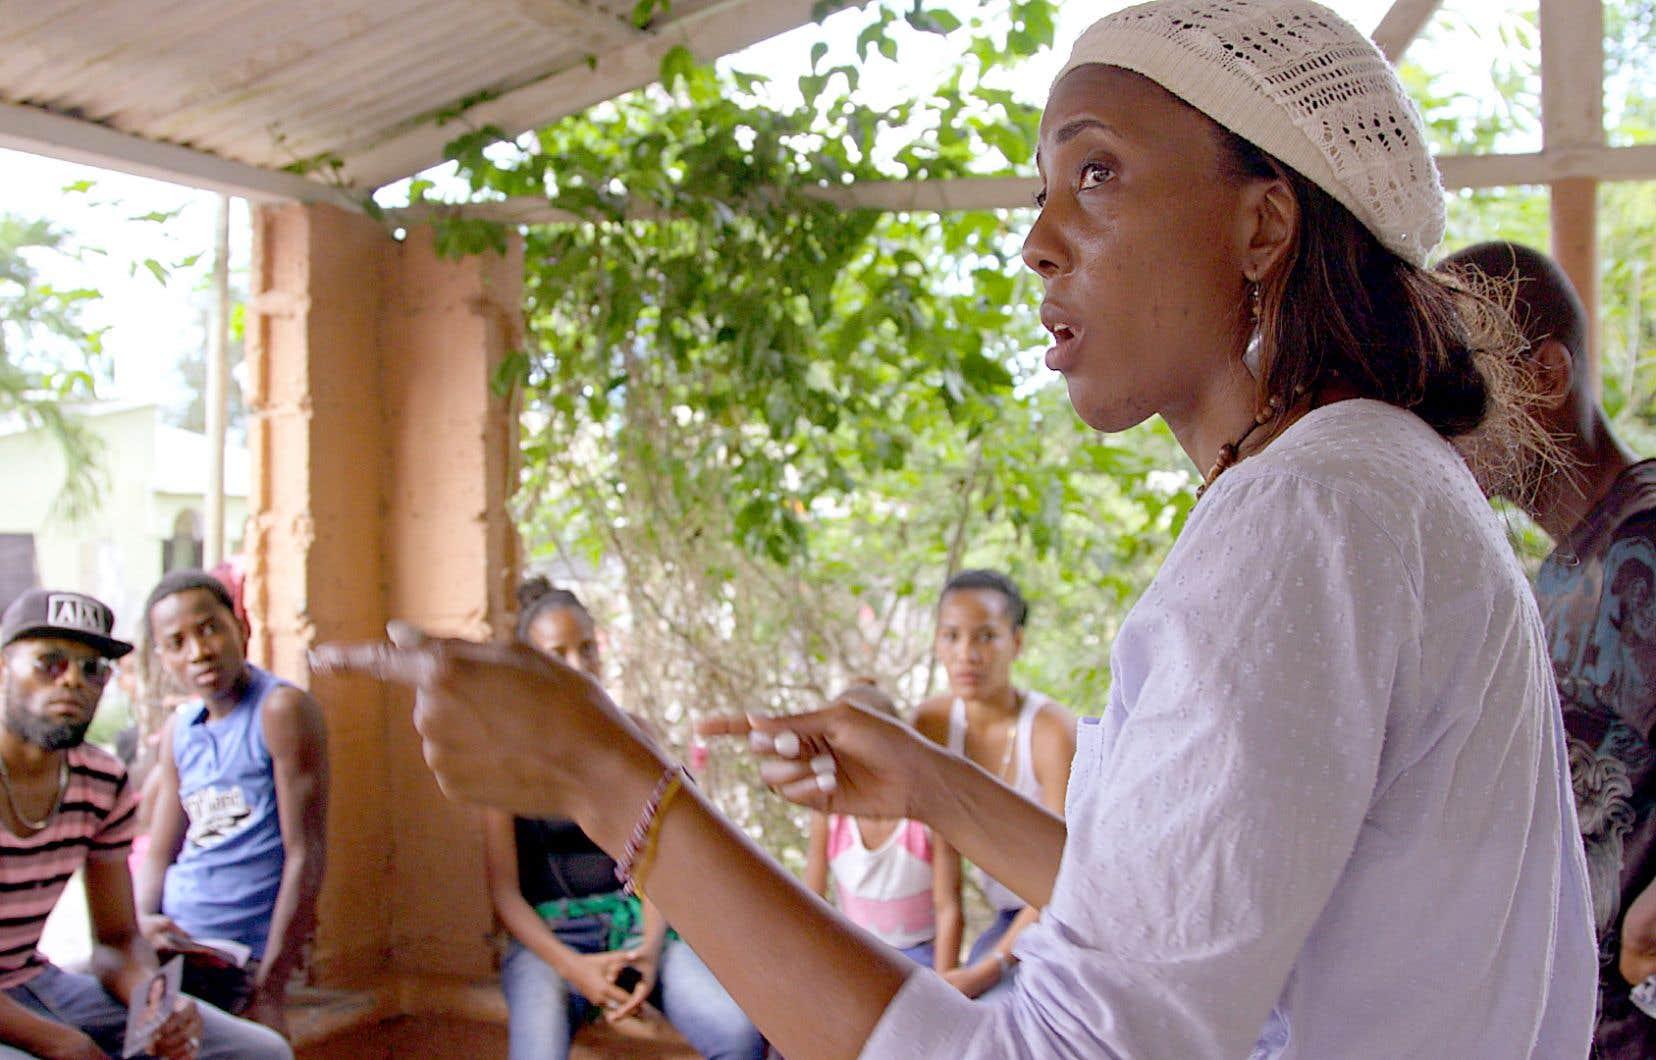 Une scène du documentaire Apatrides, réalisé par Michèle Stephenson